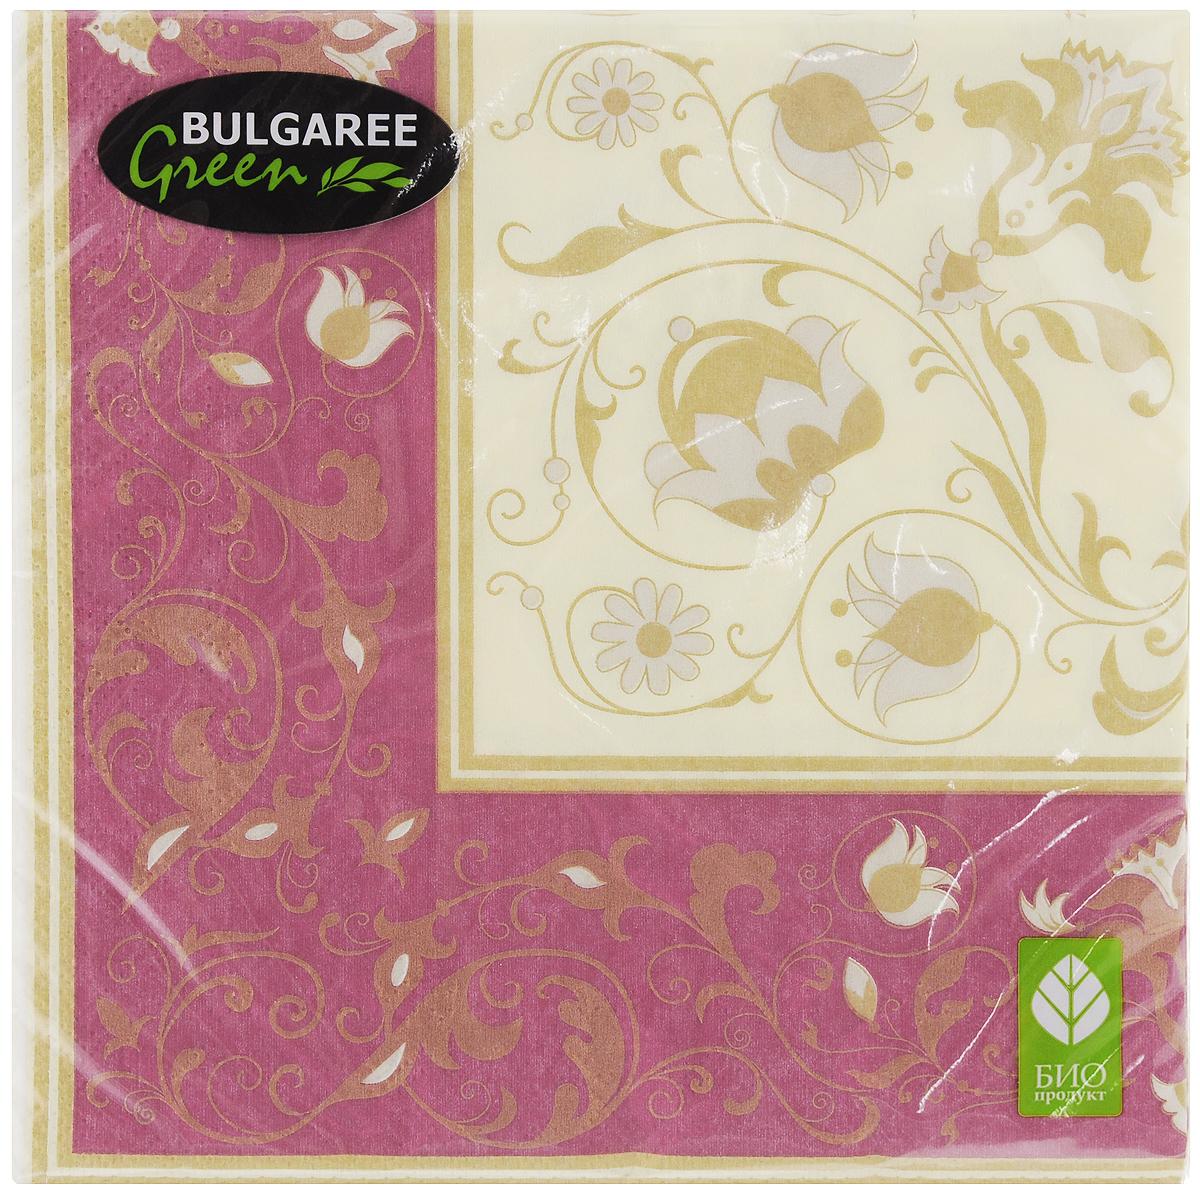 Салфетки бумажные Bulgaree Green Белиссимо, трехслойные, 33 х 33 см, 20 штCDF-16Трехслойные салфетки Bulgaree Green Белиссимо выполнены из 100%целлюлозы и оформлены красивым рисунком. Изделия станут отличным дополнением любого праздничного стола. Они отличаются необычной мягкостью, прочностью и оригинальностью.Размер салфеток в развернутом виде: 33 х 33 см.